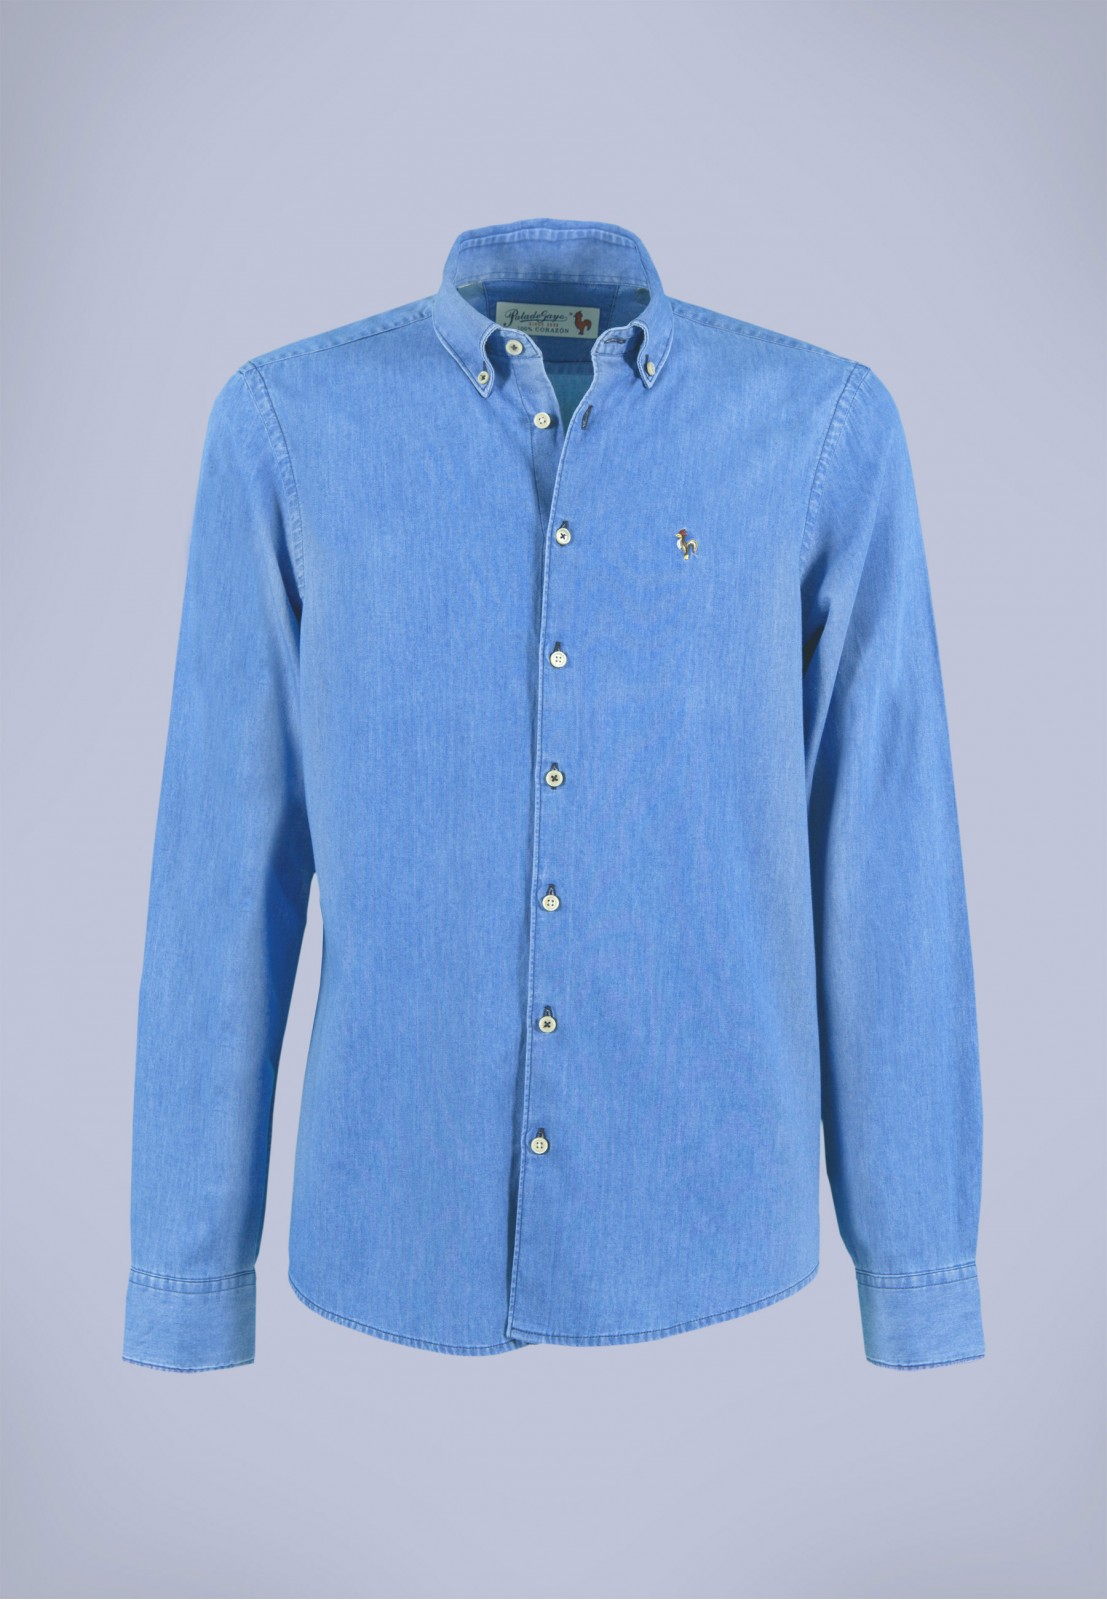 Camisa de hombre Poe Patadegayo de calidad sostenible fabricada en España - plano fantasma